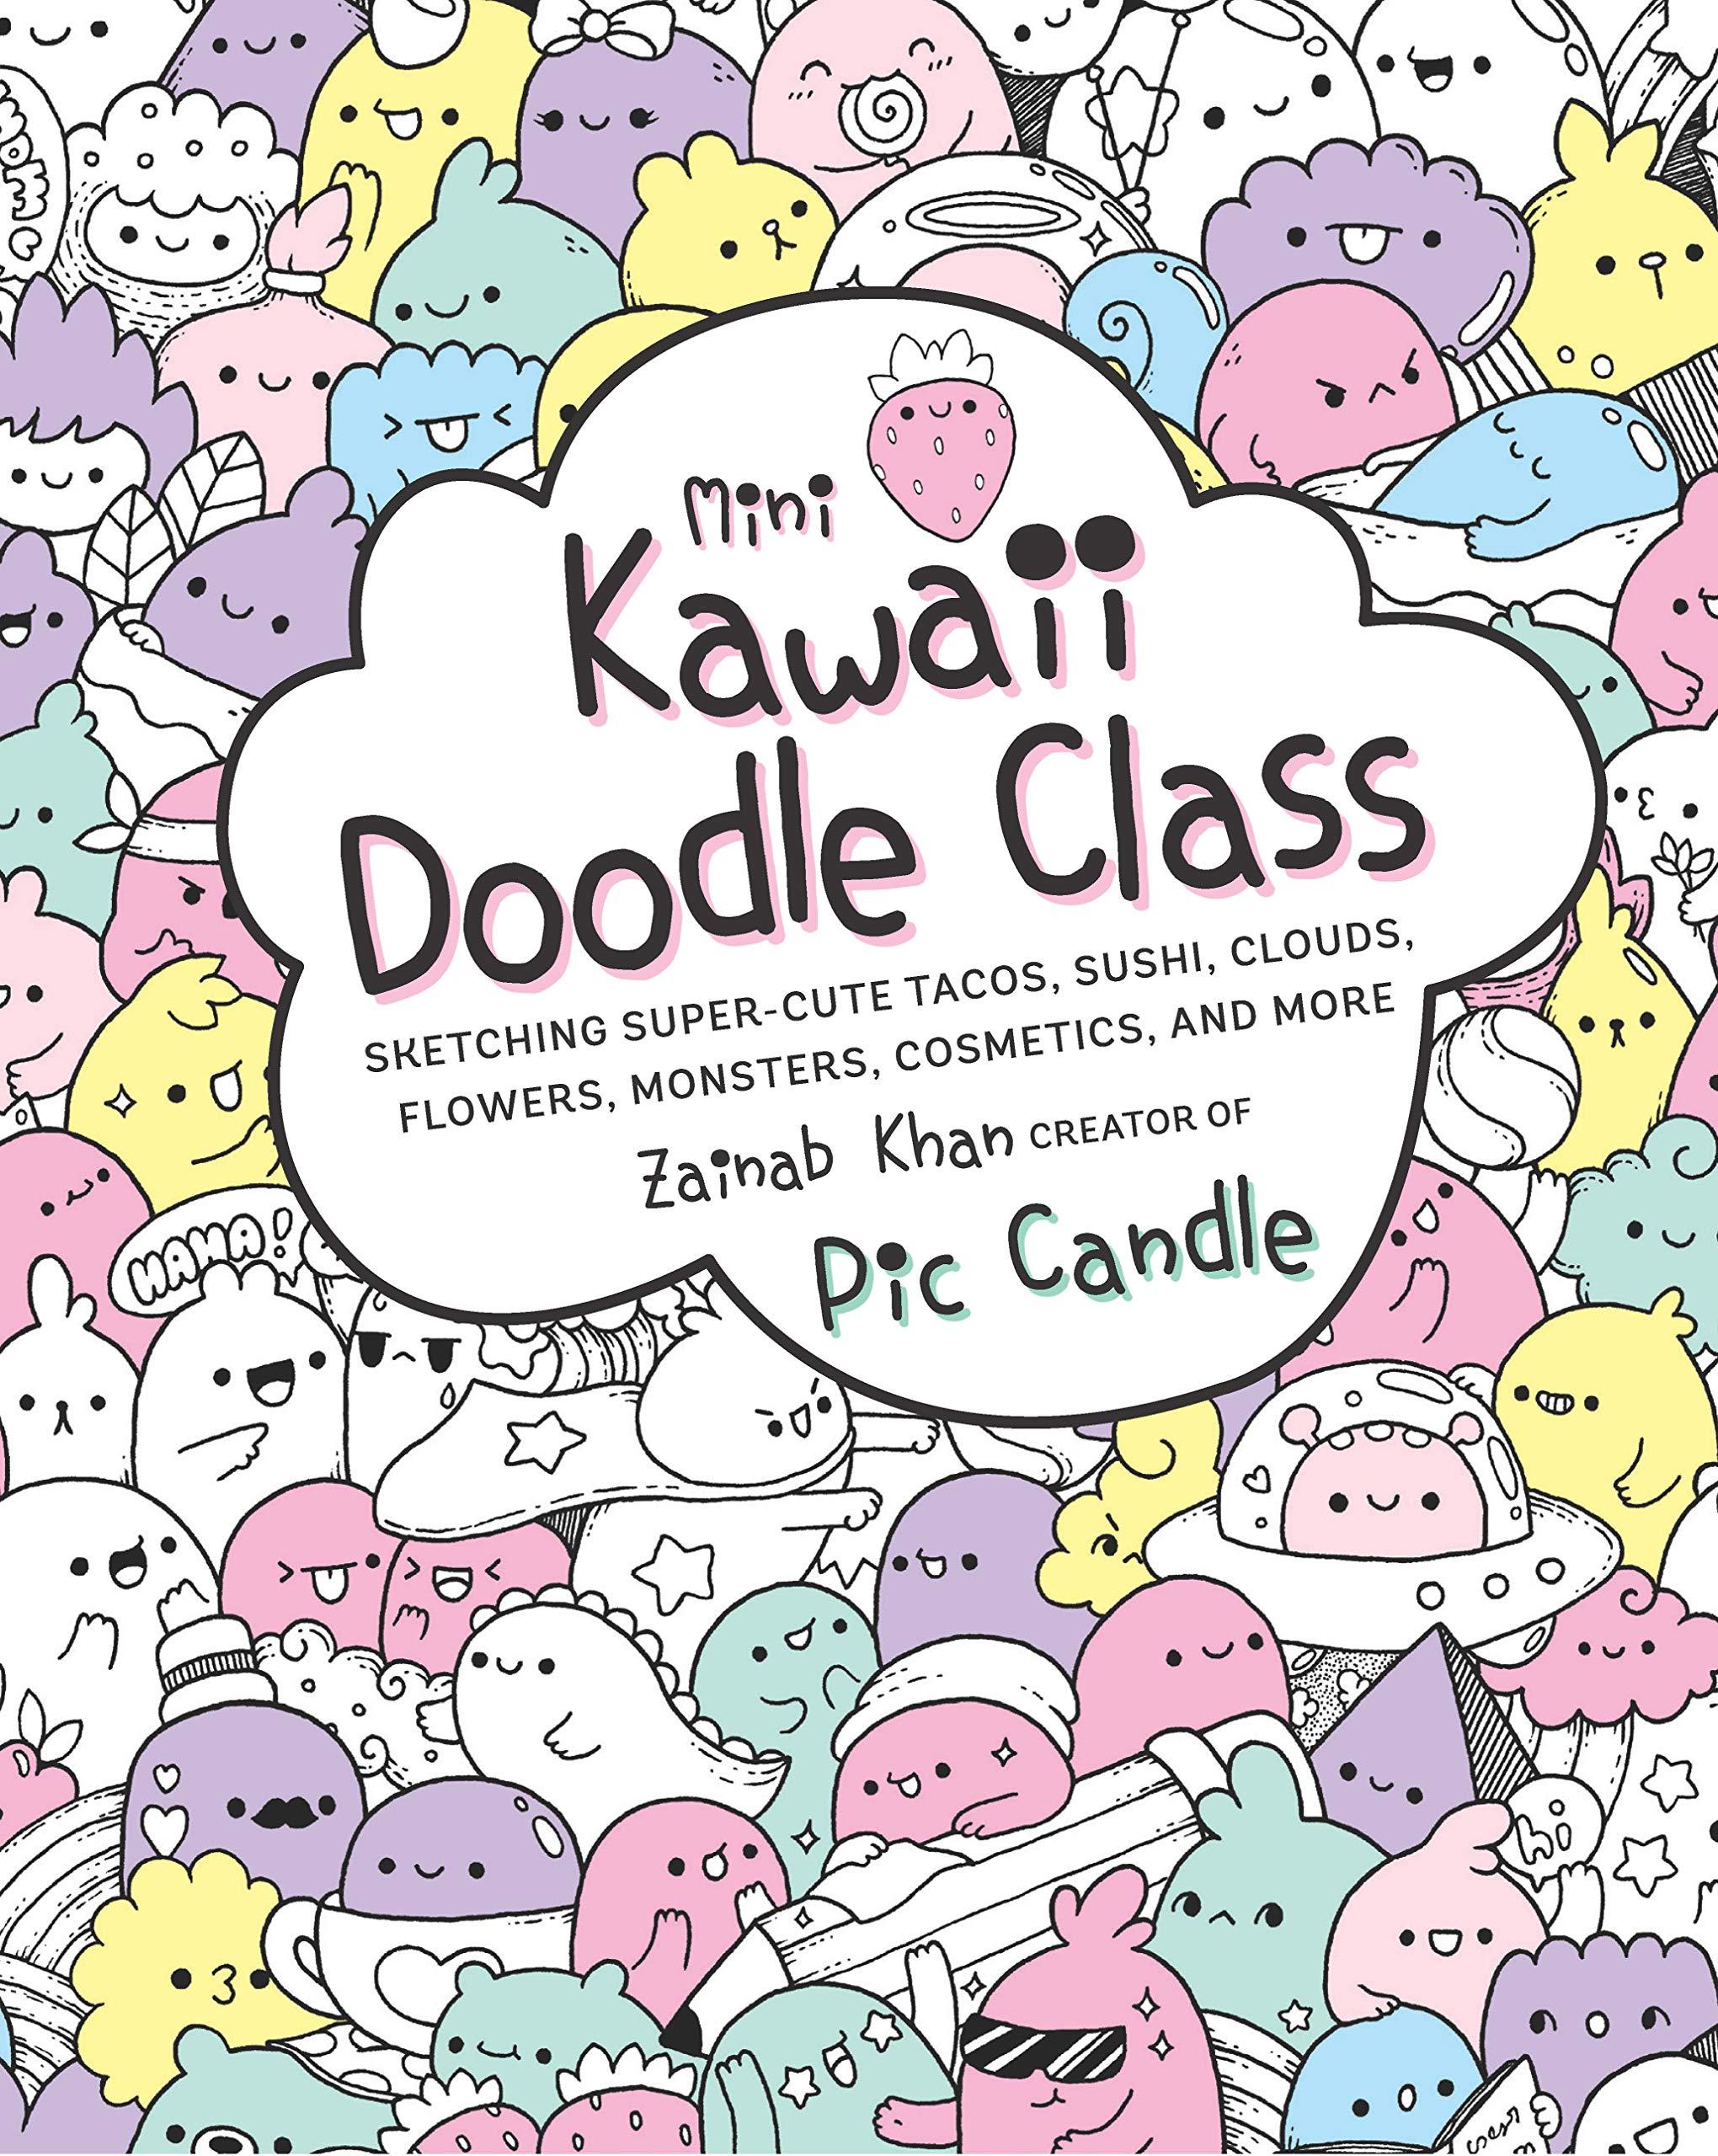 Mini Kawaii Doodle Class: Sketching Super-Cute Tacos, Sushi